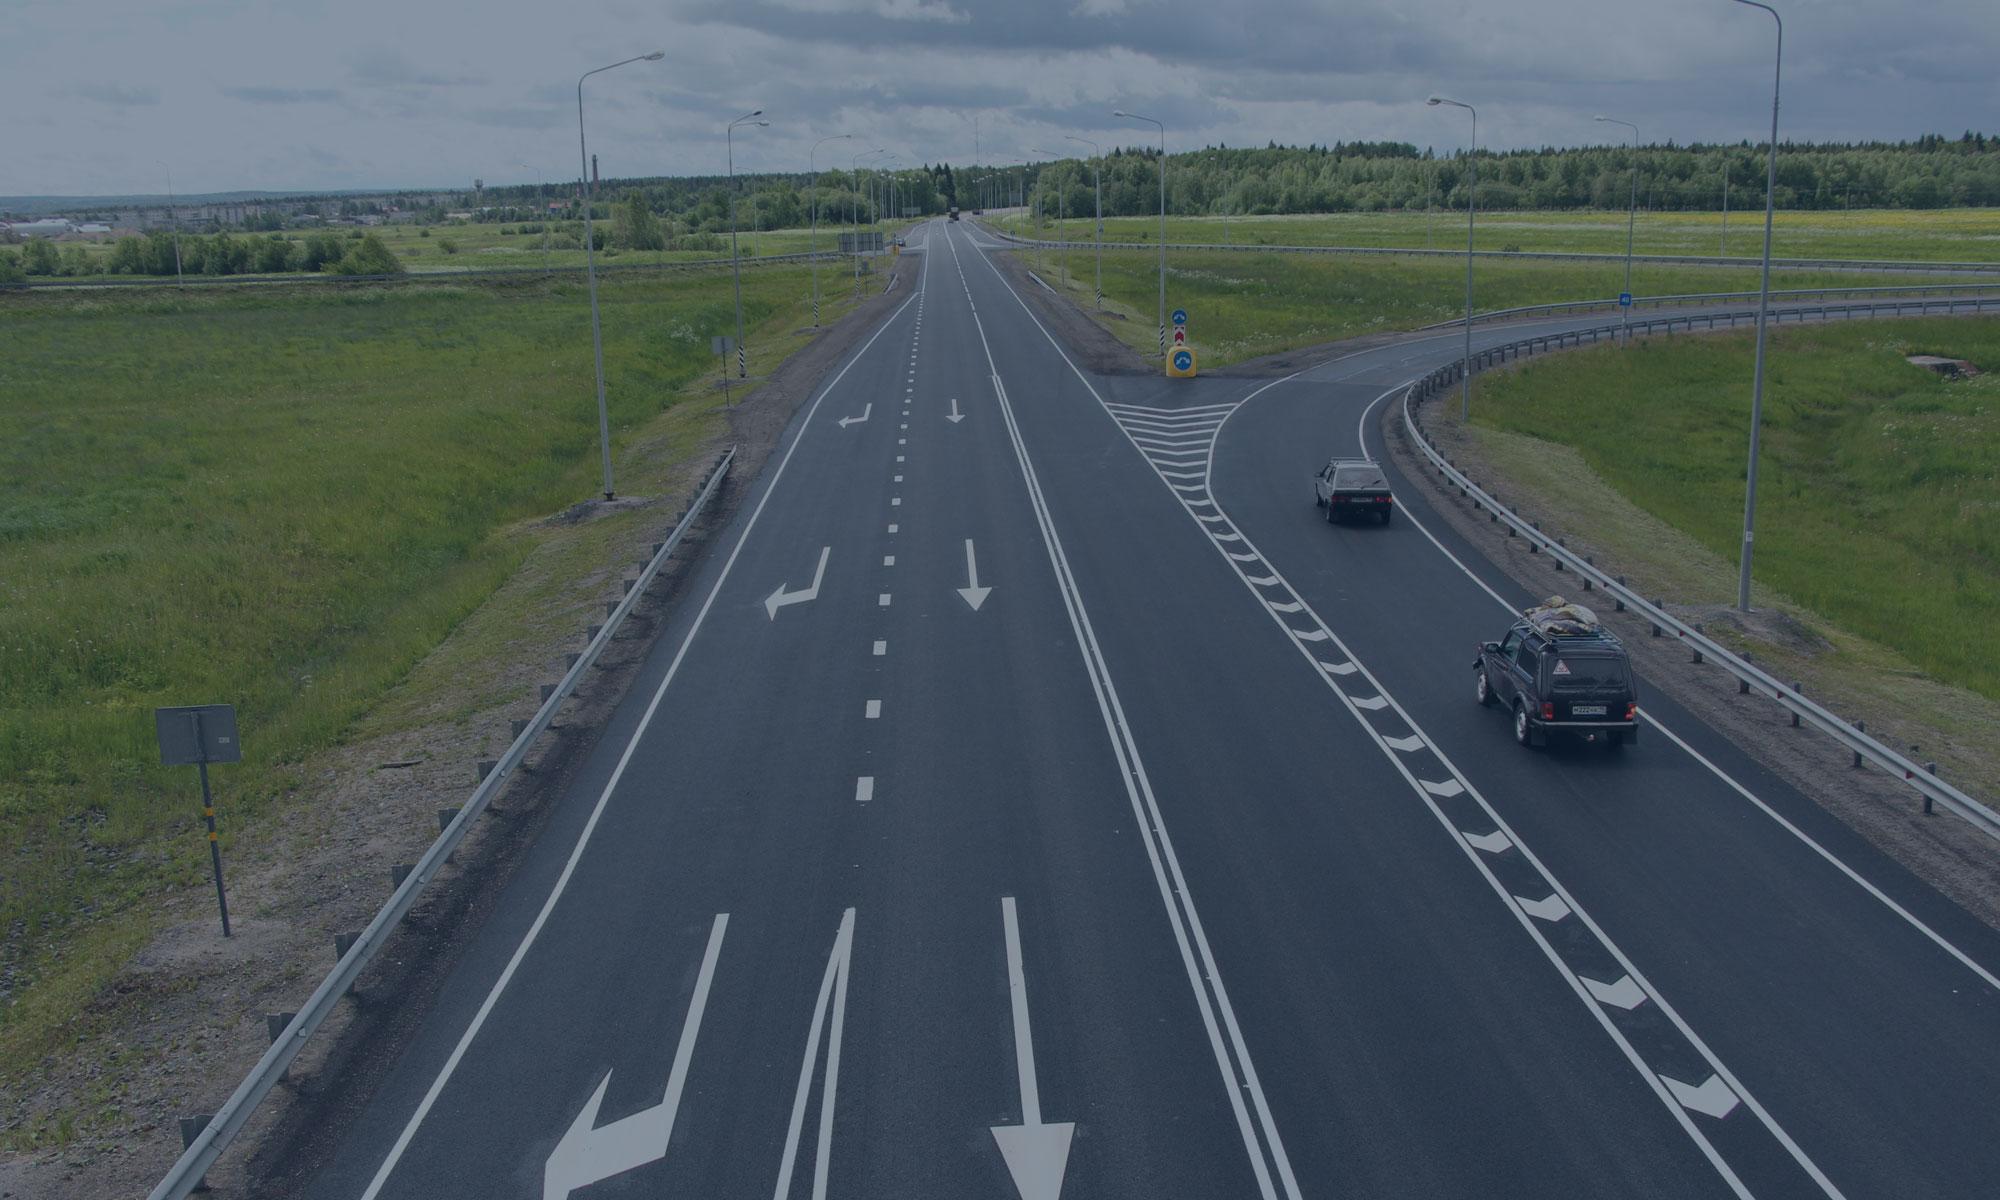 Ремонт путепровода через автомобильную и железную дорогу на км 472+062 автомобильной дороги Р-21 «Кола»